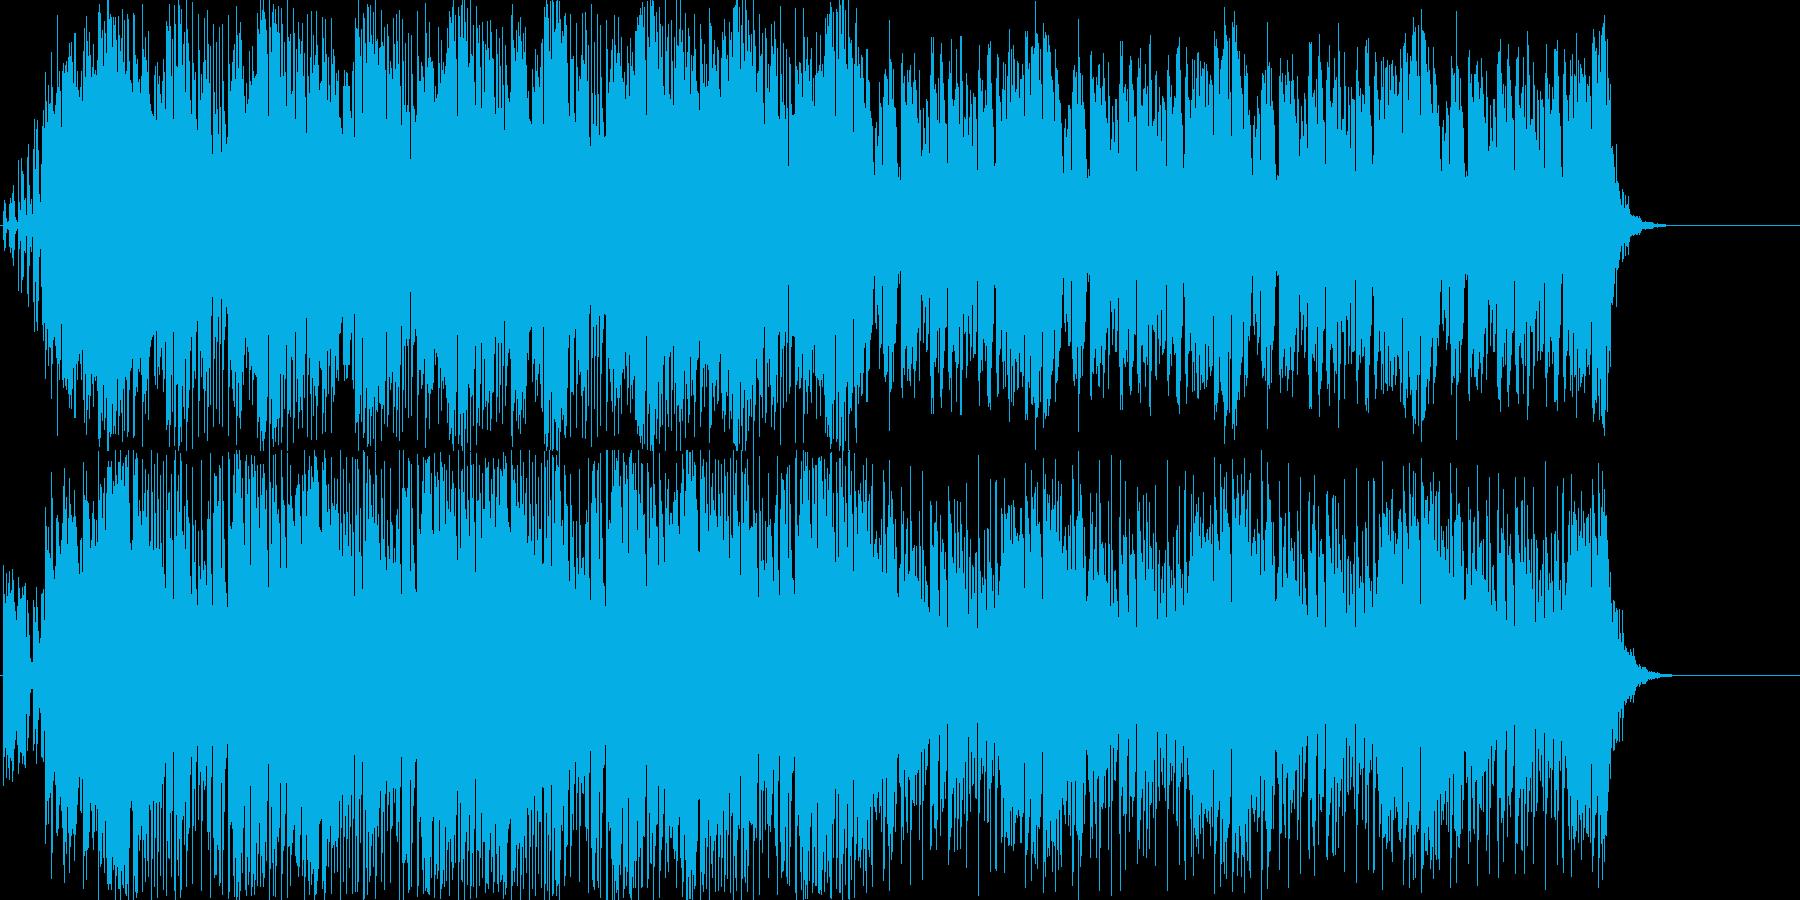 デジタルアジアトラック BGMバージョンの再生済みの波形